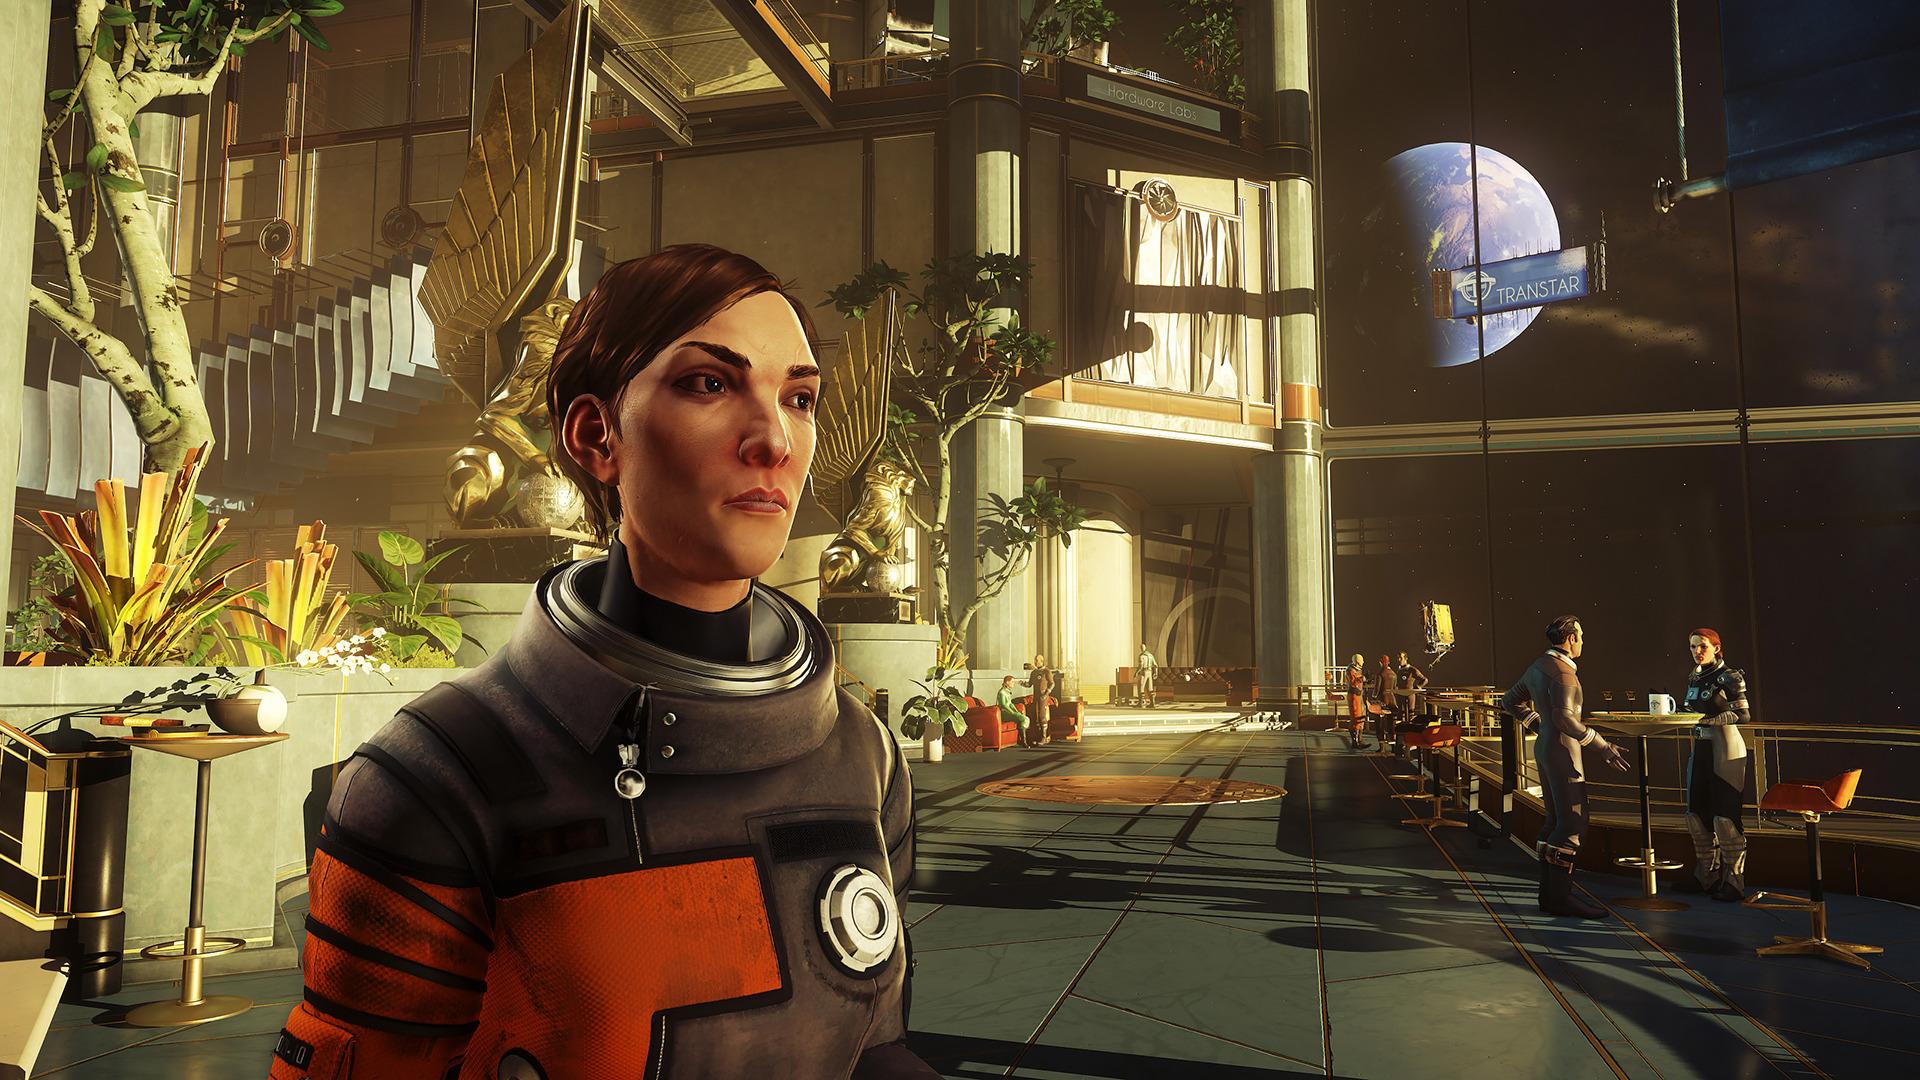 Demos una mirada al primer trailer gameplay de Prey